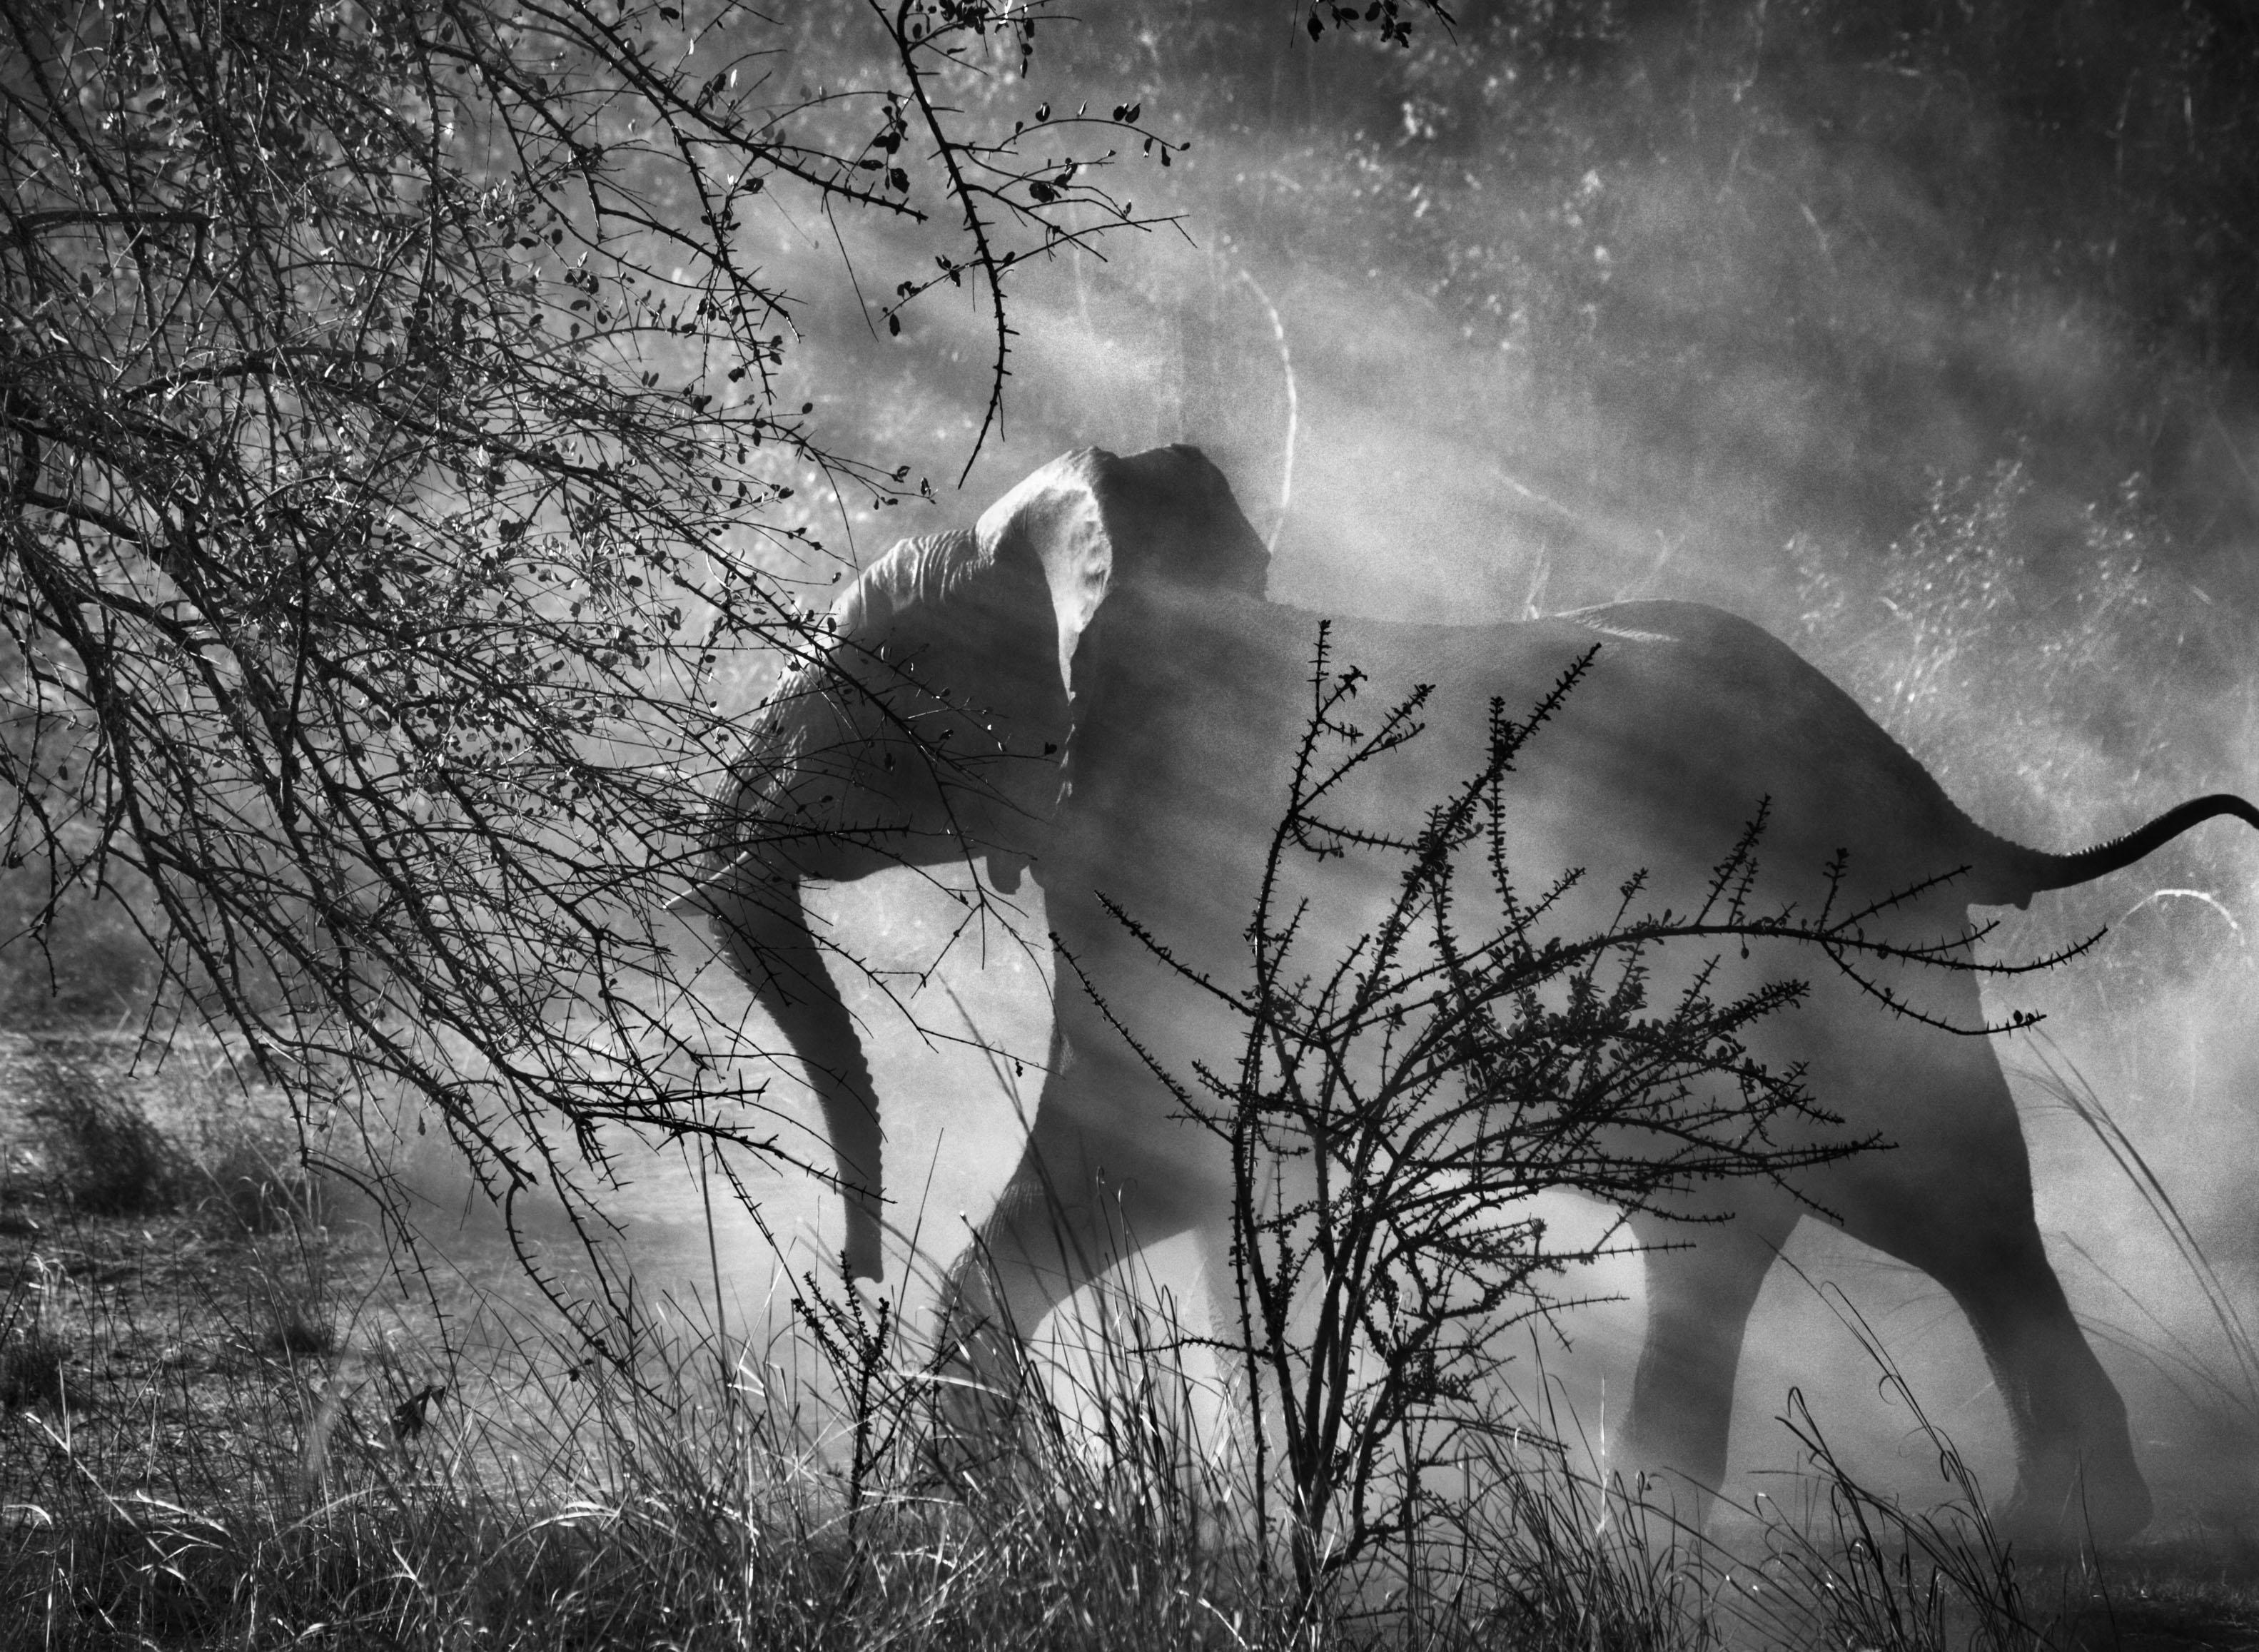 <p>Perseguidos por caçadores furtivos na Zâmbia, os elefantes (Loxodonta africana) têm medo dos homens e dos veículos, e geralmente, entram rapidamente no mato, assustados. Parque Nacional de Kafue, Zâmbia. 2010.</p>